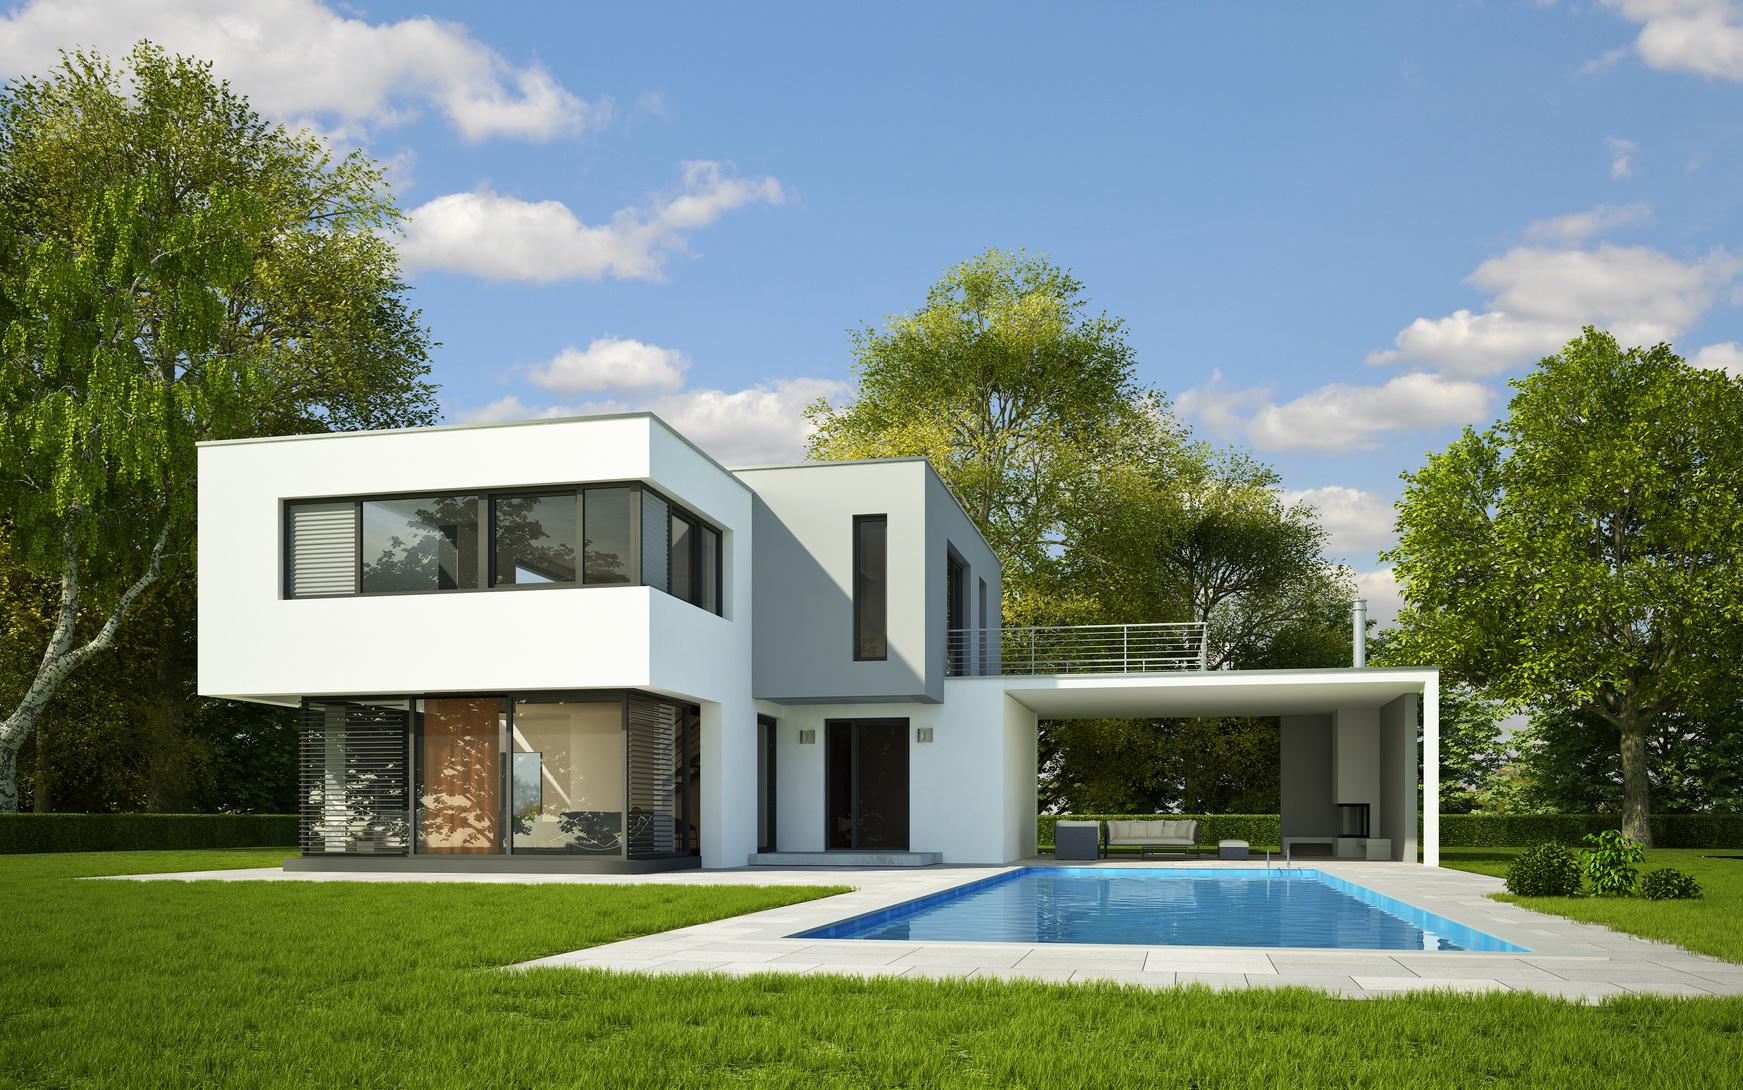 www.architectes.be/images/maison-architecte.jpg